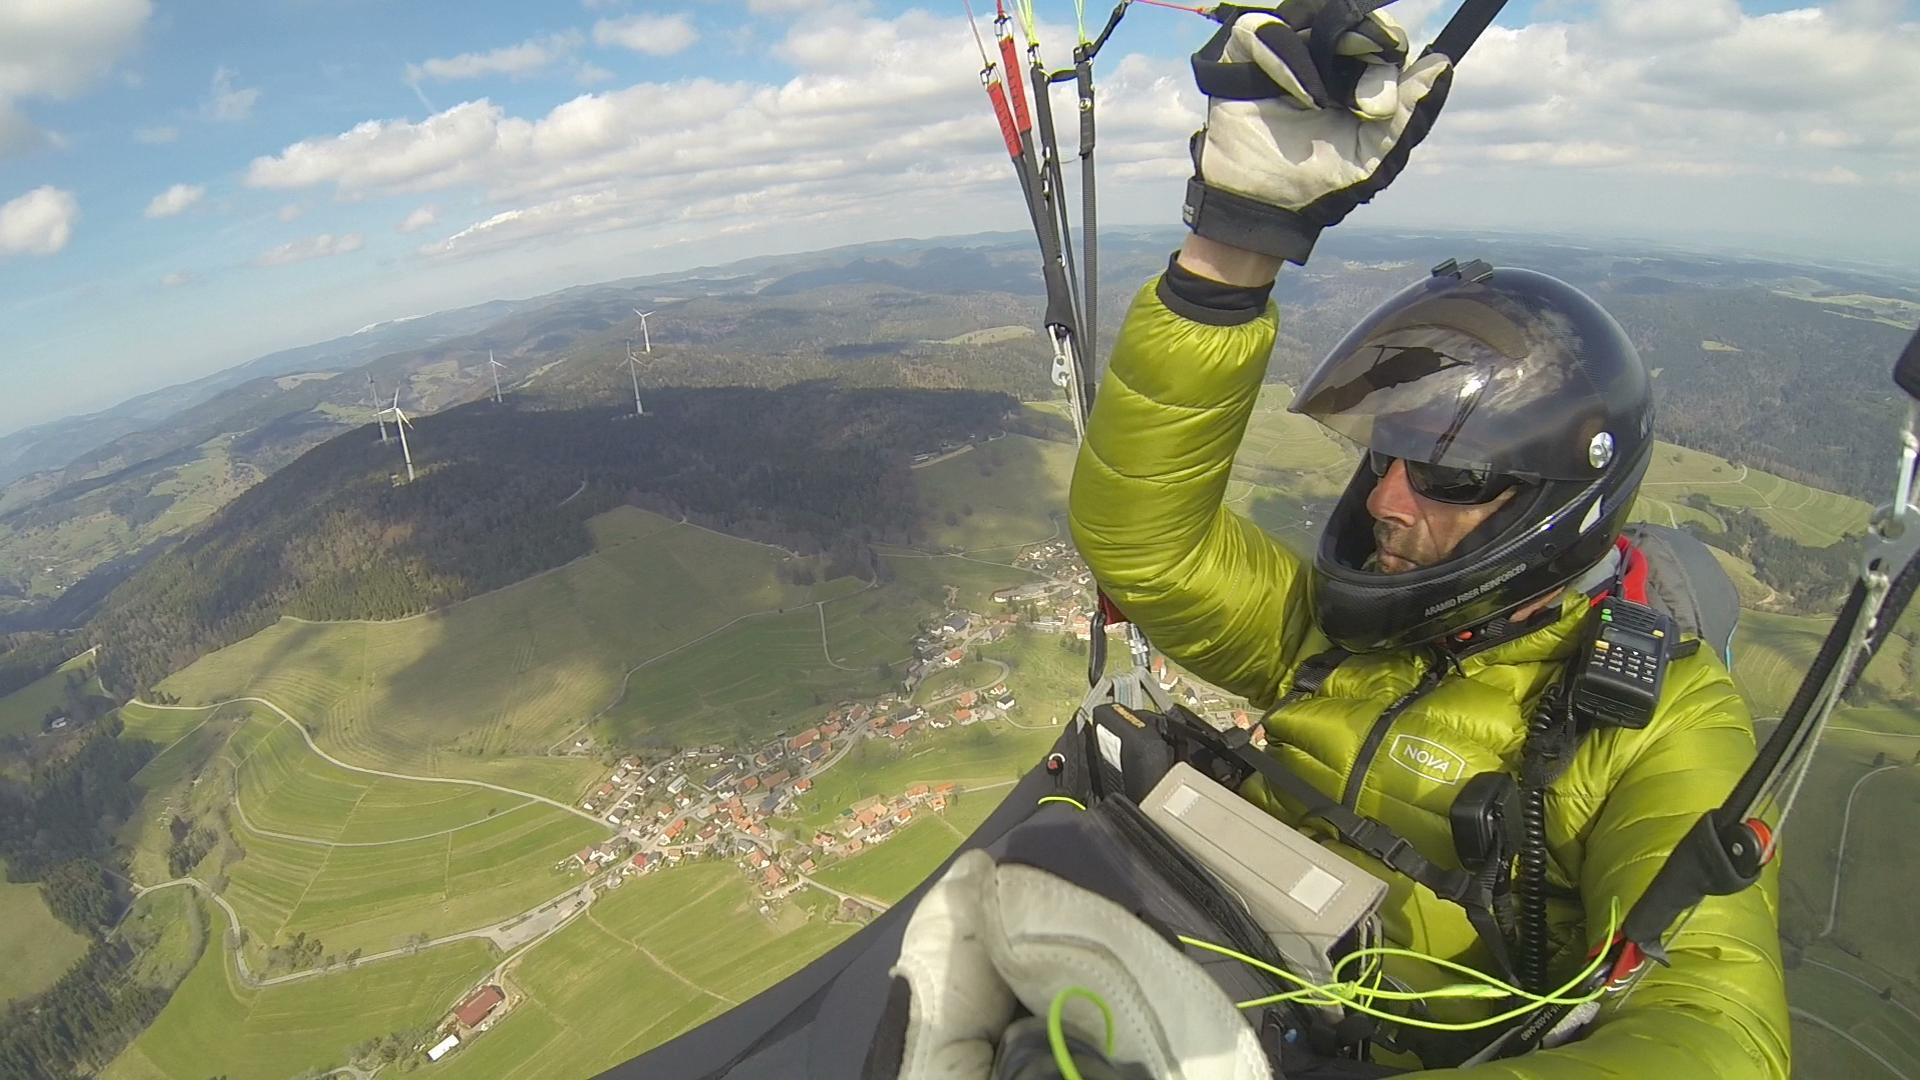 Jahresrückblick Team Germany Teil 4 – Vom Südschwarzwald zum Bayrischen Wald